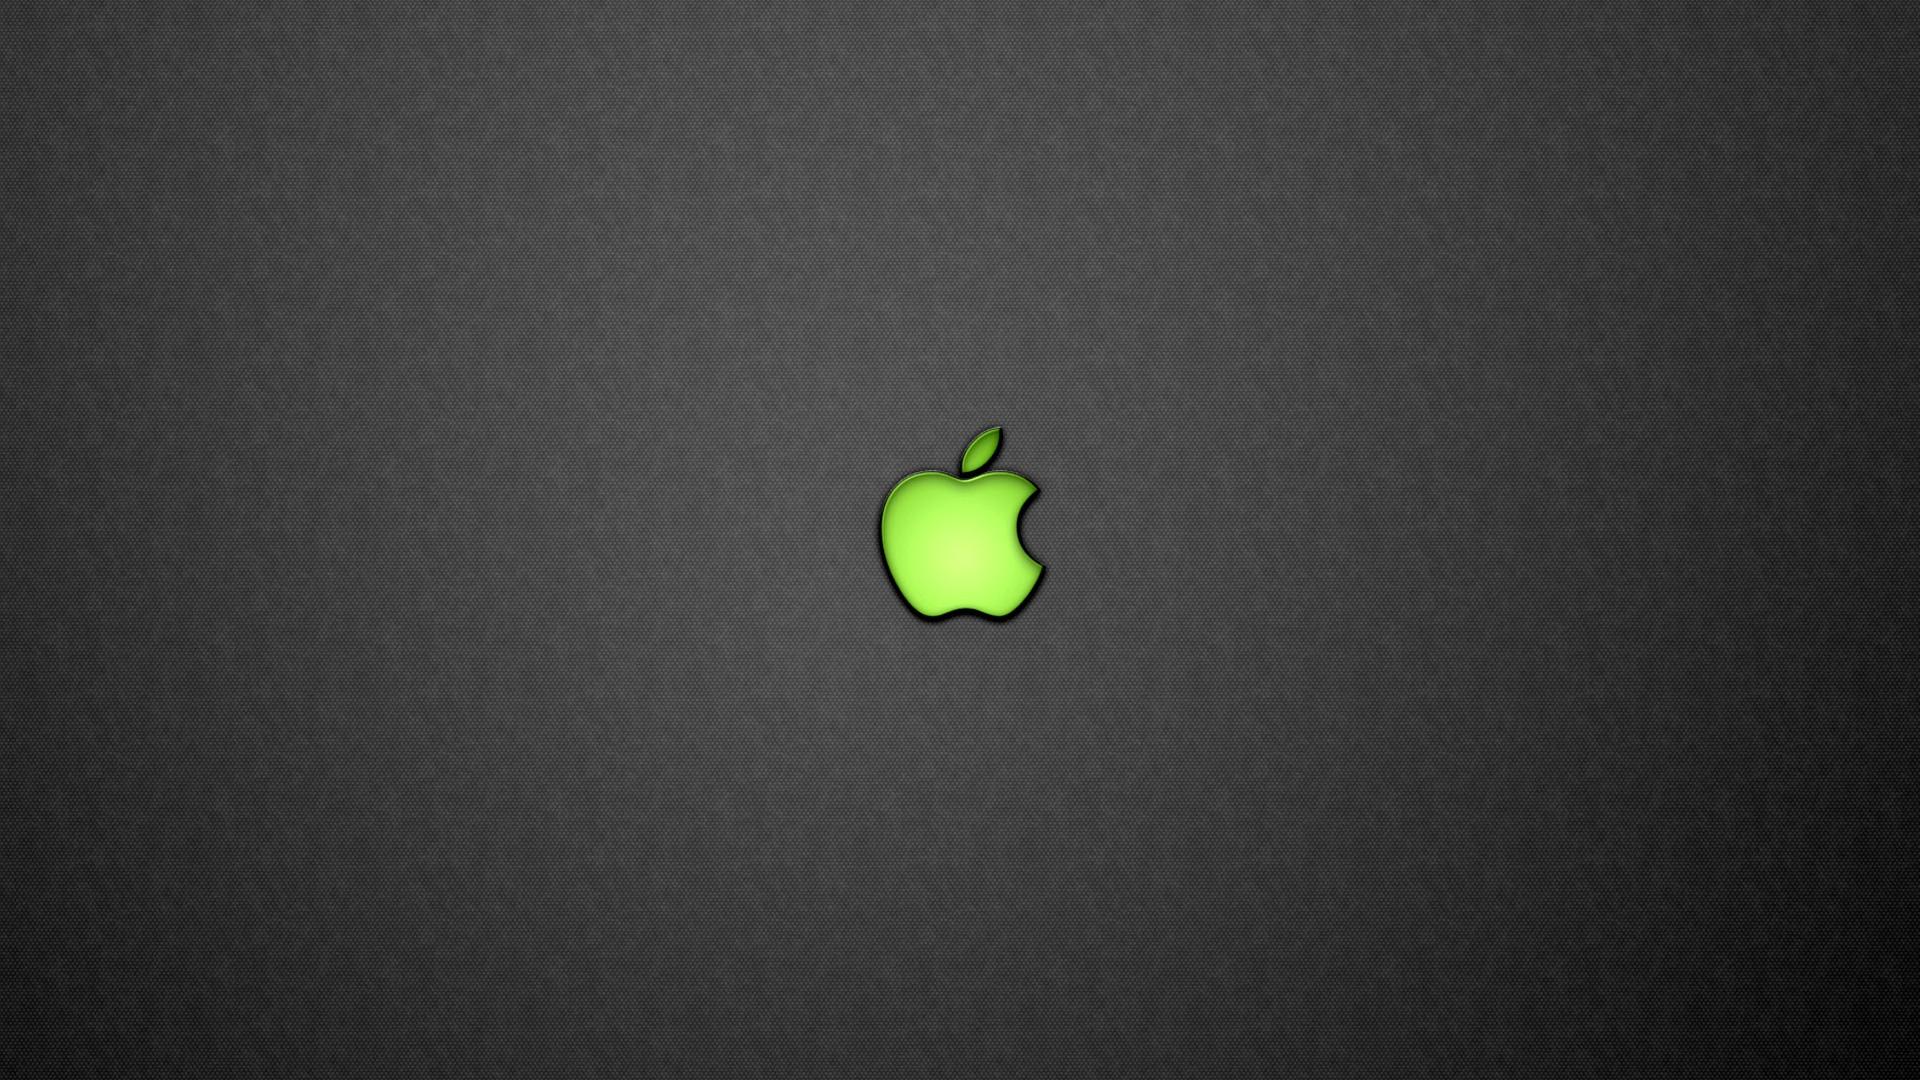 新しいアップルのテーマデスクトップの壁紙 8 19x1080 壁紙ダウンロード 新しいアップルのテーマデスクトップの壁紙 システム 壁紙 V3の壁紙